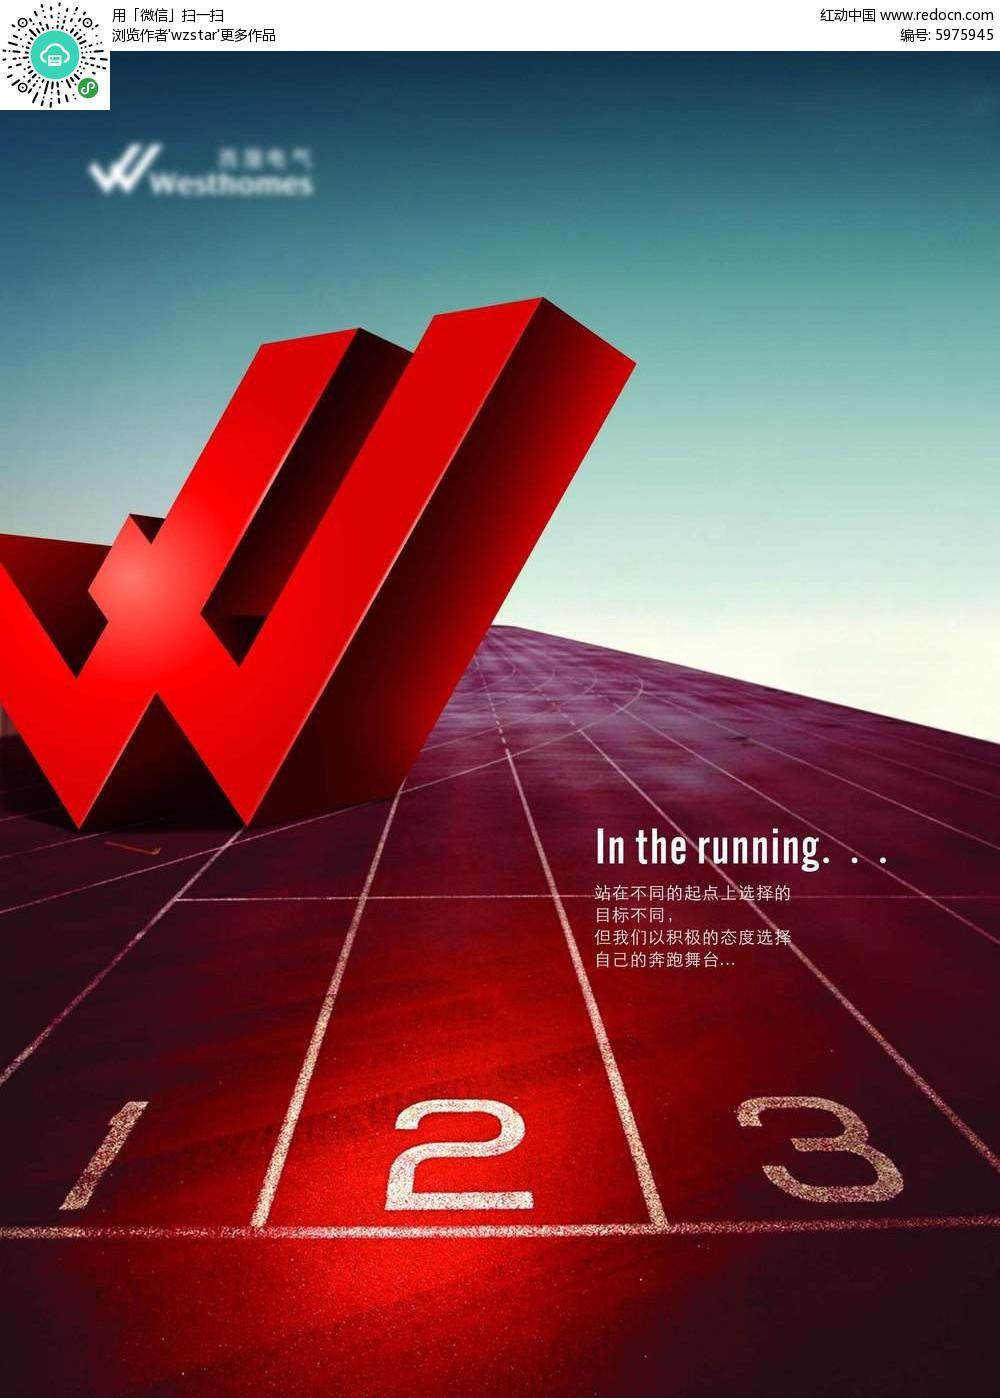 红色跑道广告设计图片